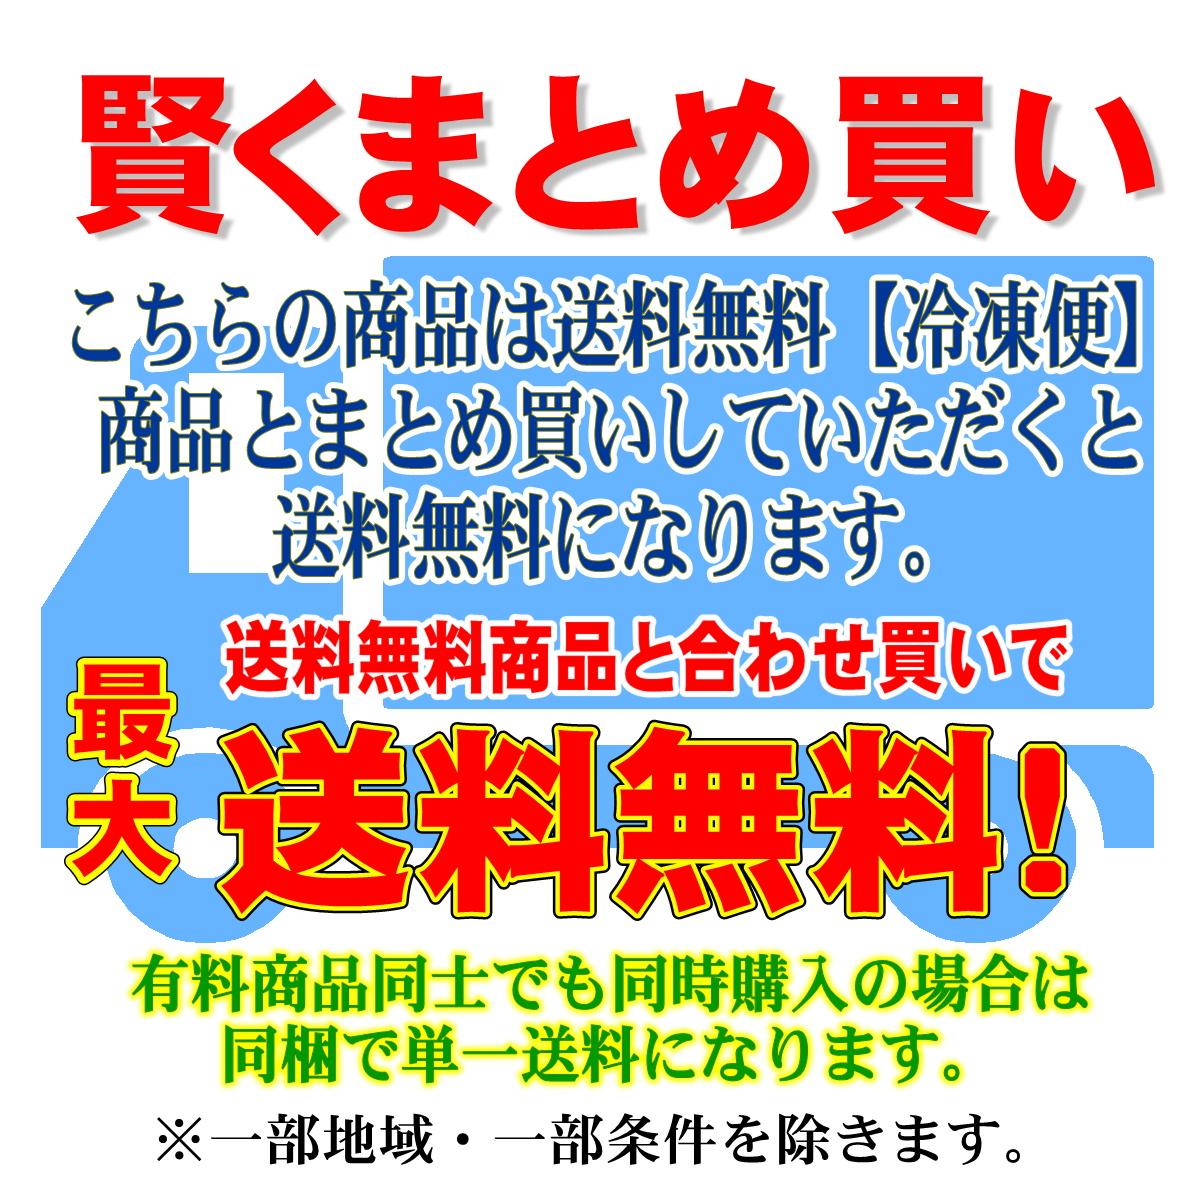 ムキエビ 2Lサイズ 1袋1kg入り【業務用】 炒め物、フライ、天ぷら等に【冷凍便】